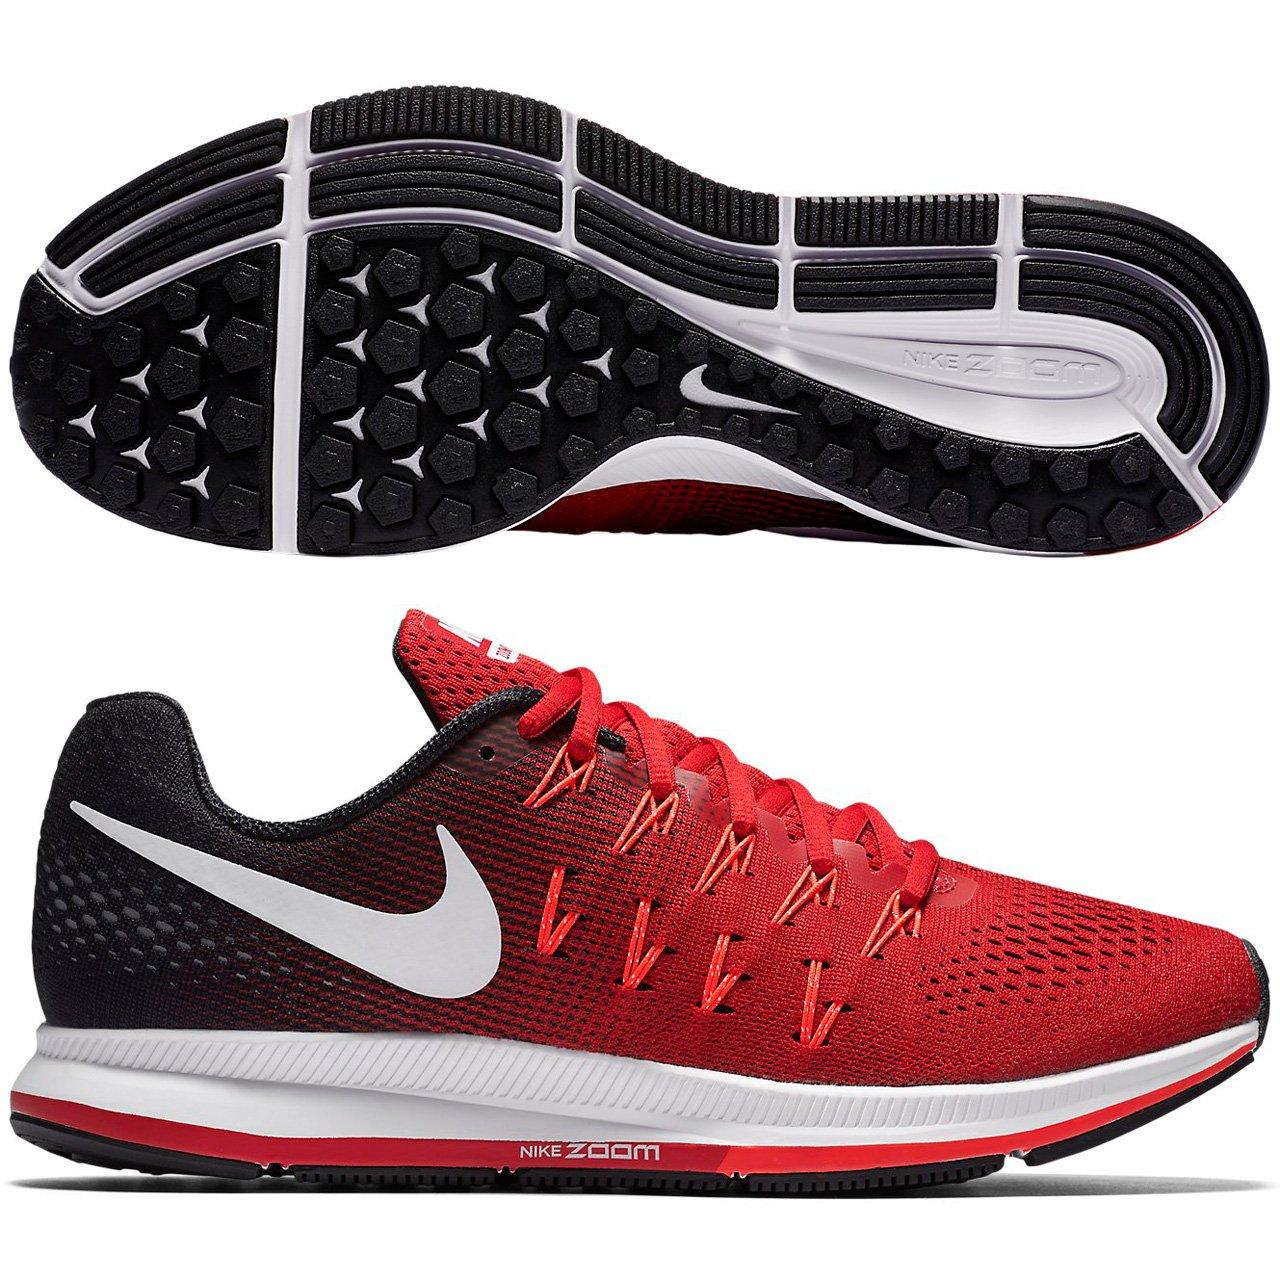 d6edbab89c6 Nike Men s Air Zoom Pegasus 33